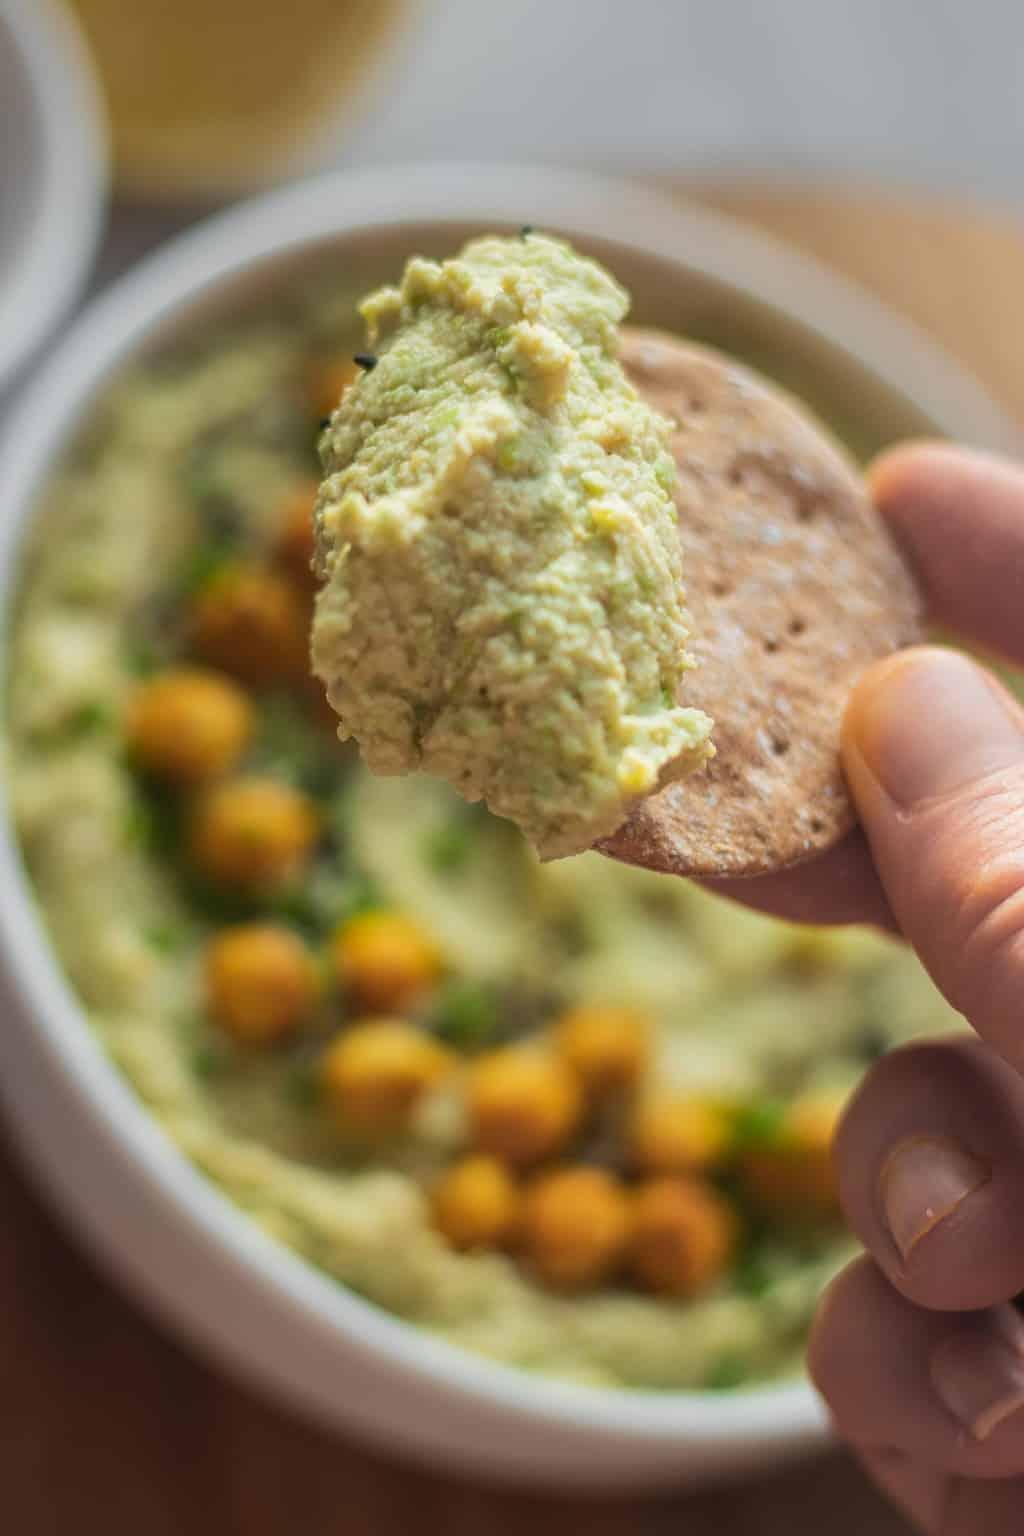 Oil-free vegan edamame hummus recipe